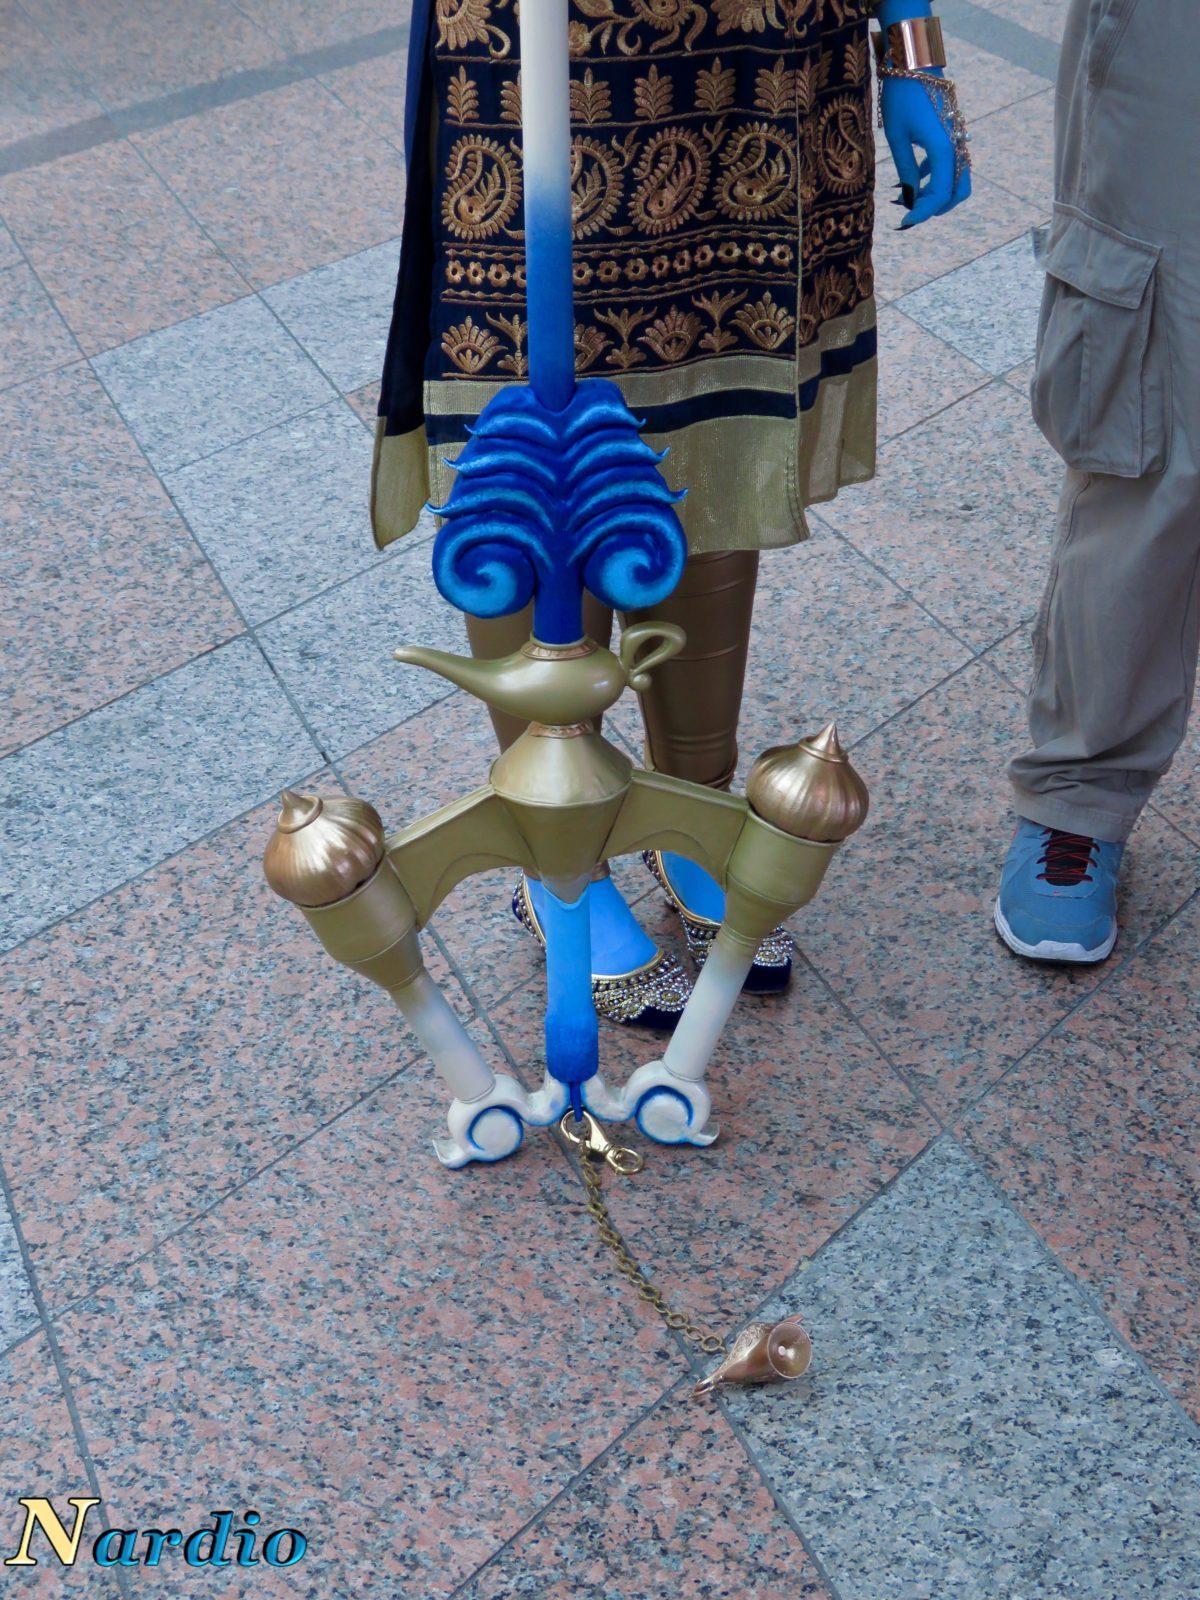 Aladdin and Genie AnimeNext Cosplay Sword bottom